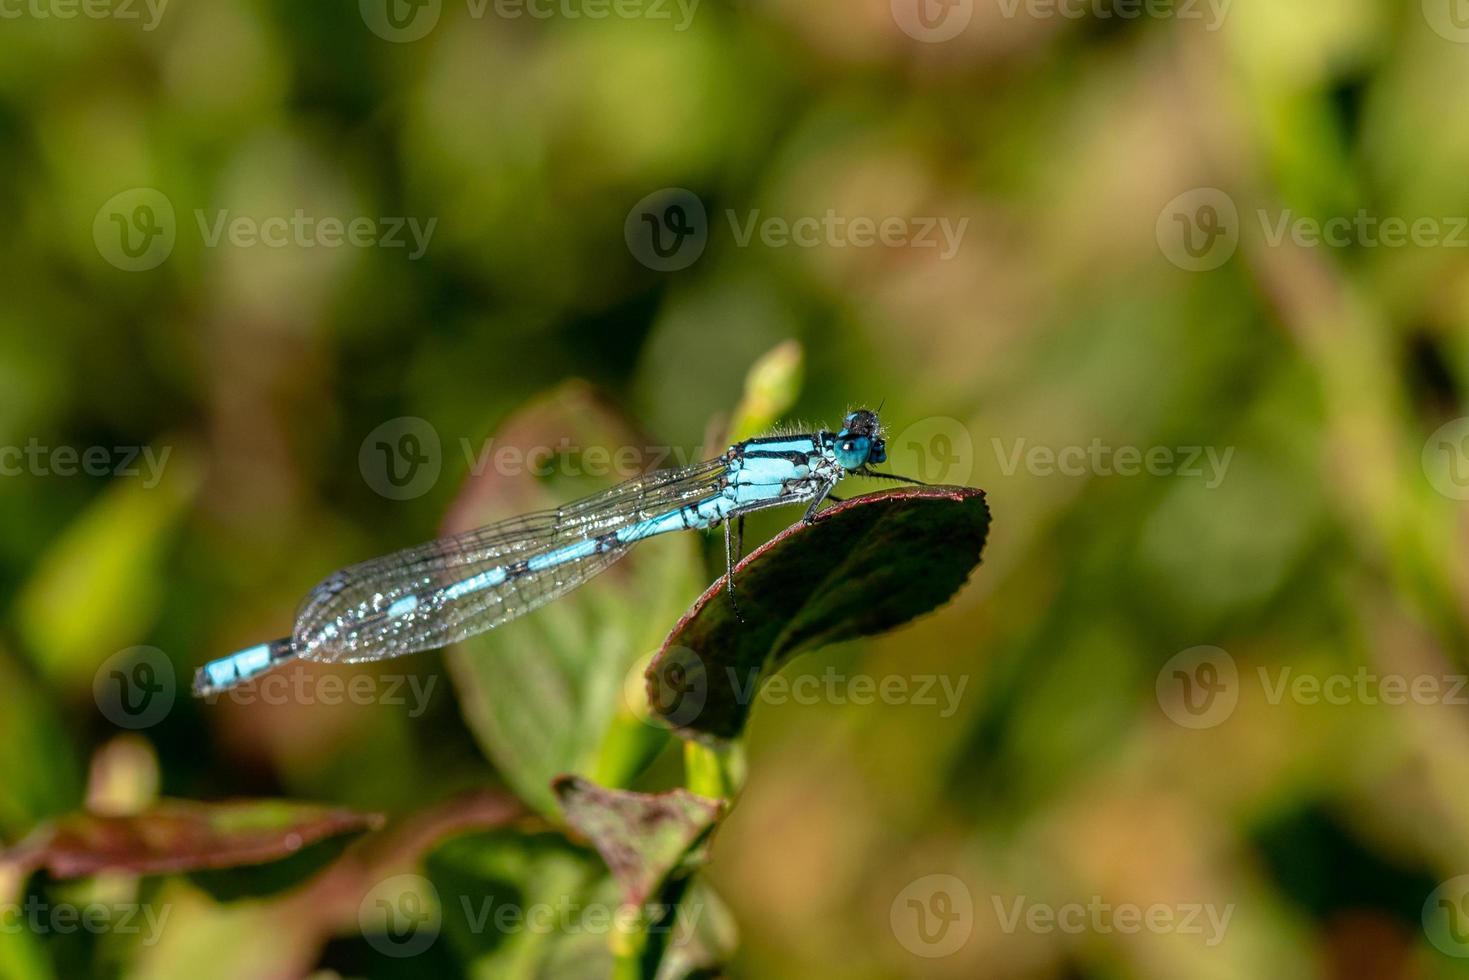 blauwe libel zittend op een bosbessenstruik foto